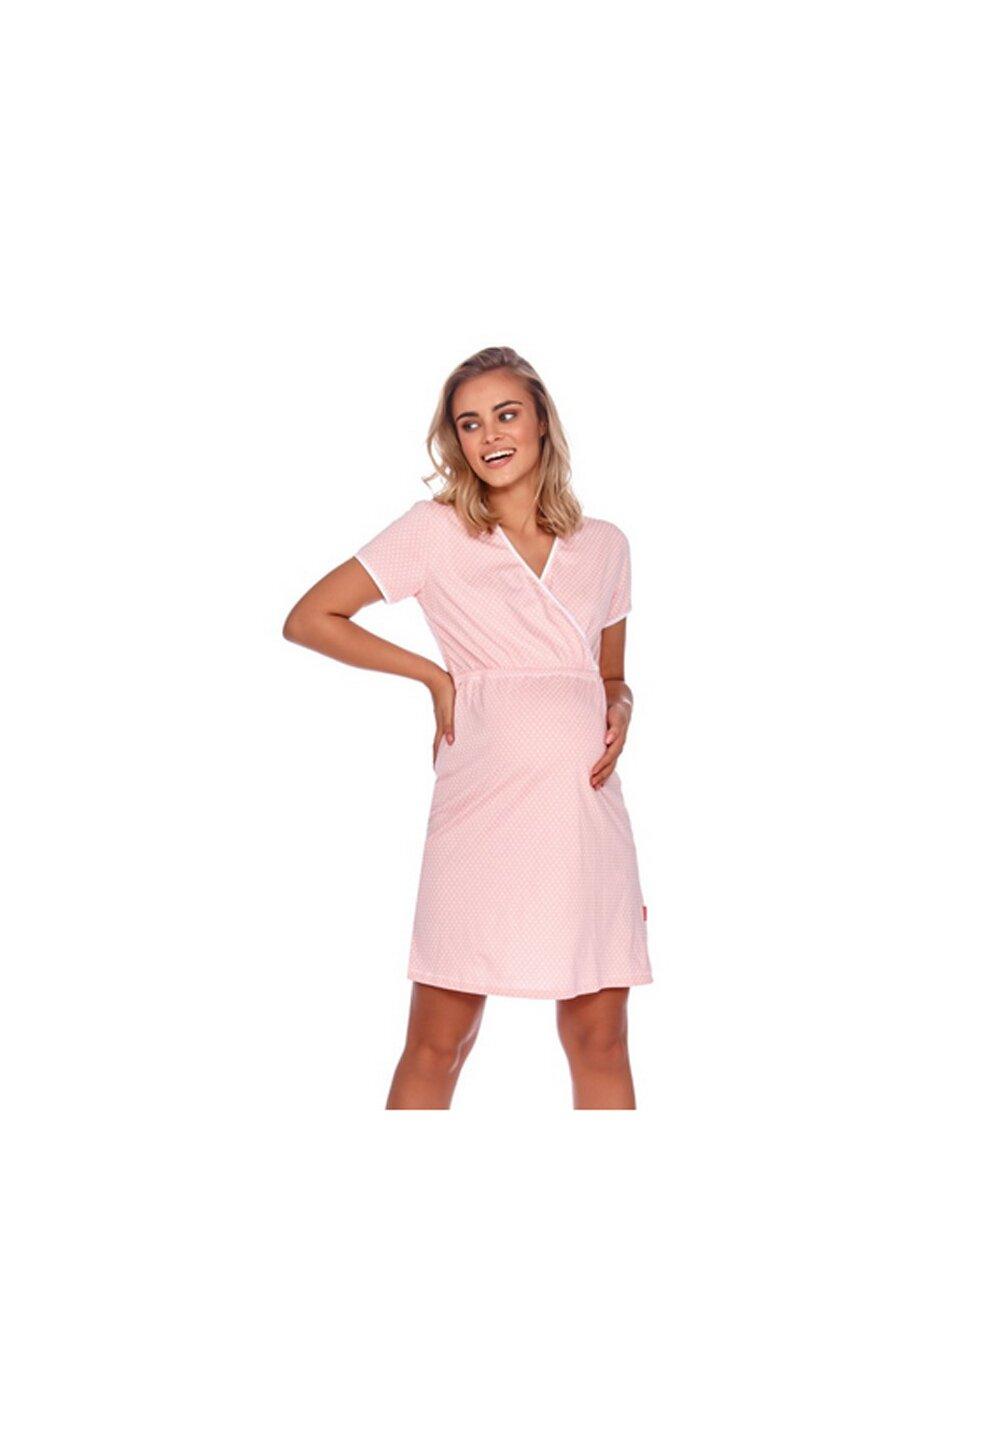 Camasa pentru alaptat, roz cu stelute albe imagine